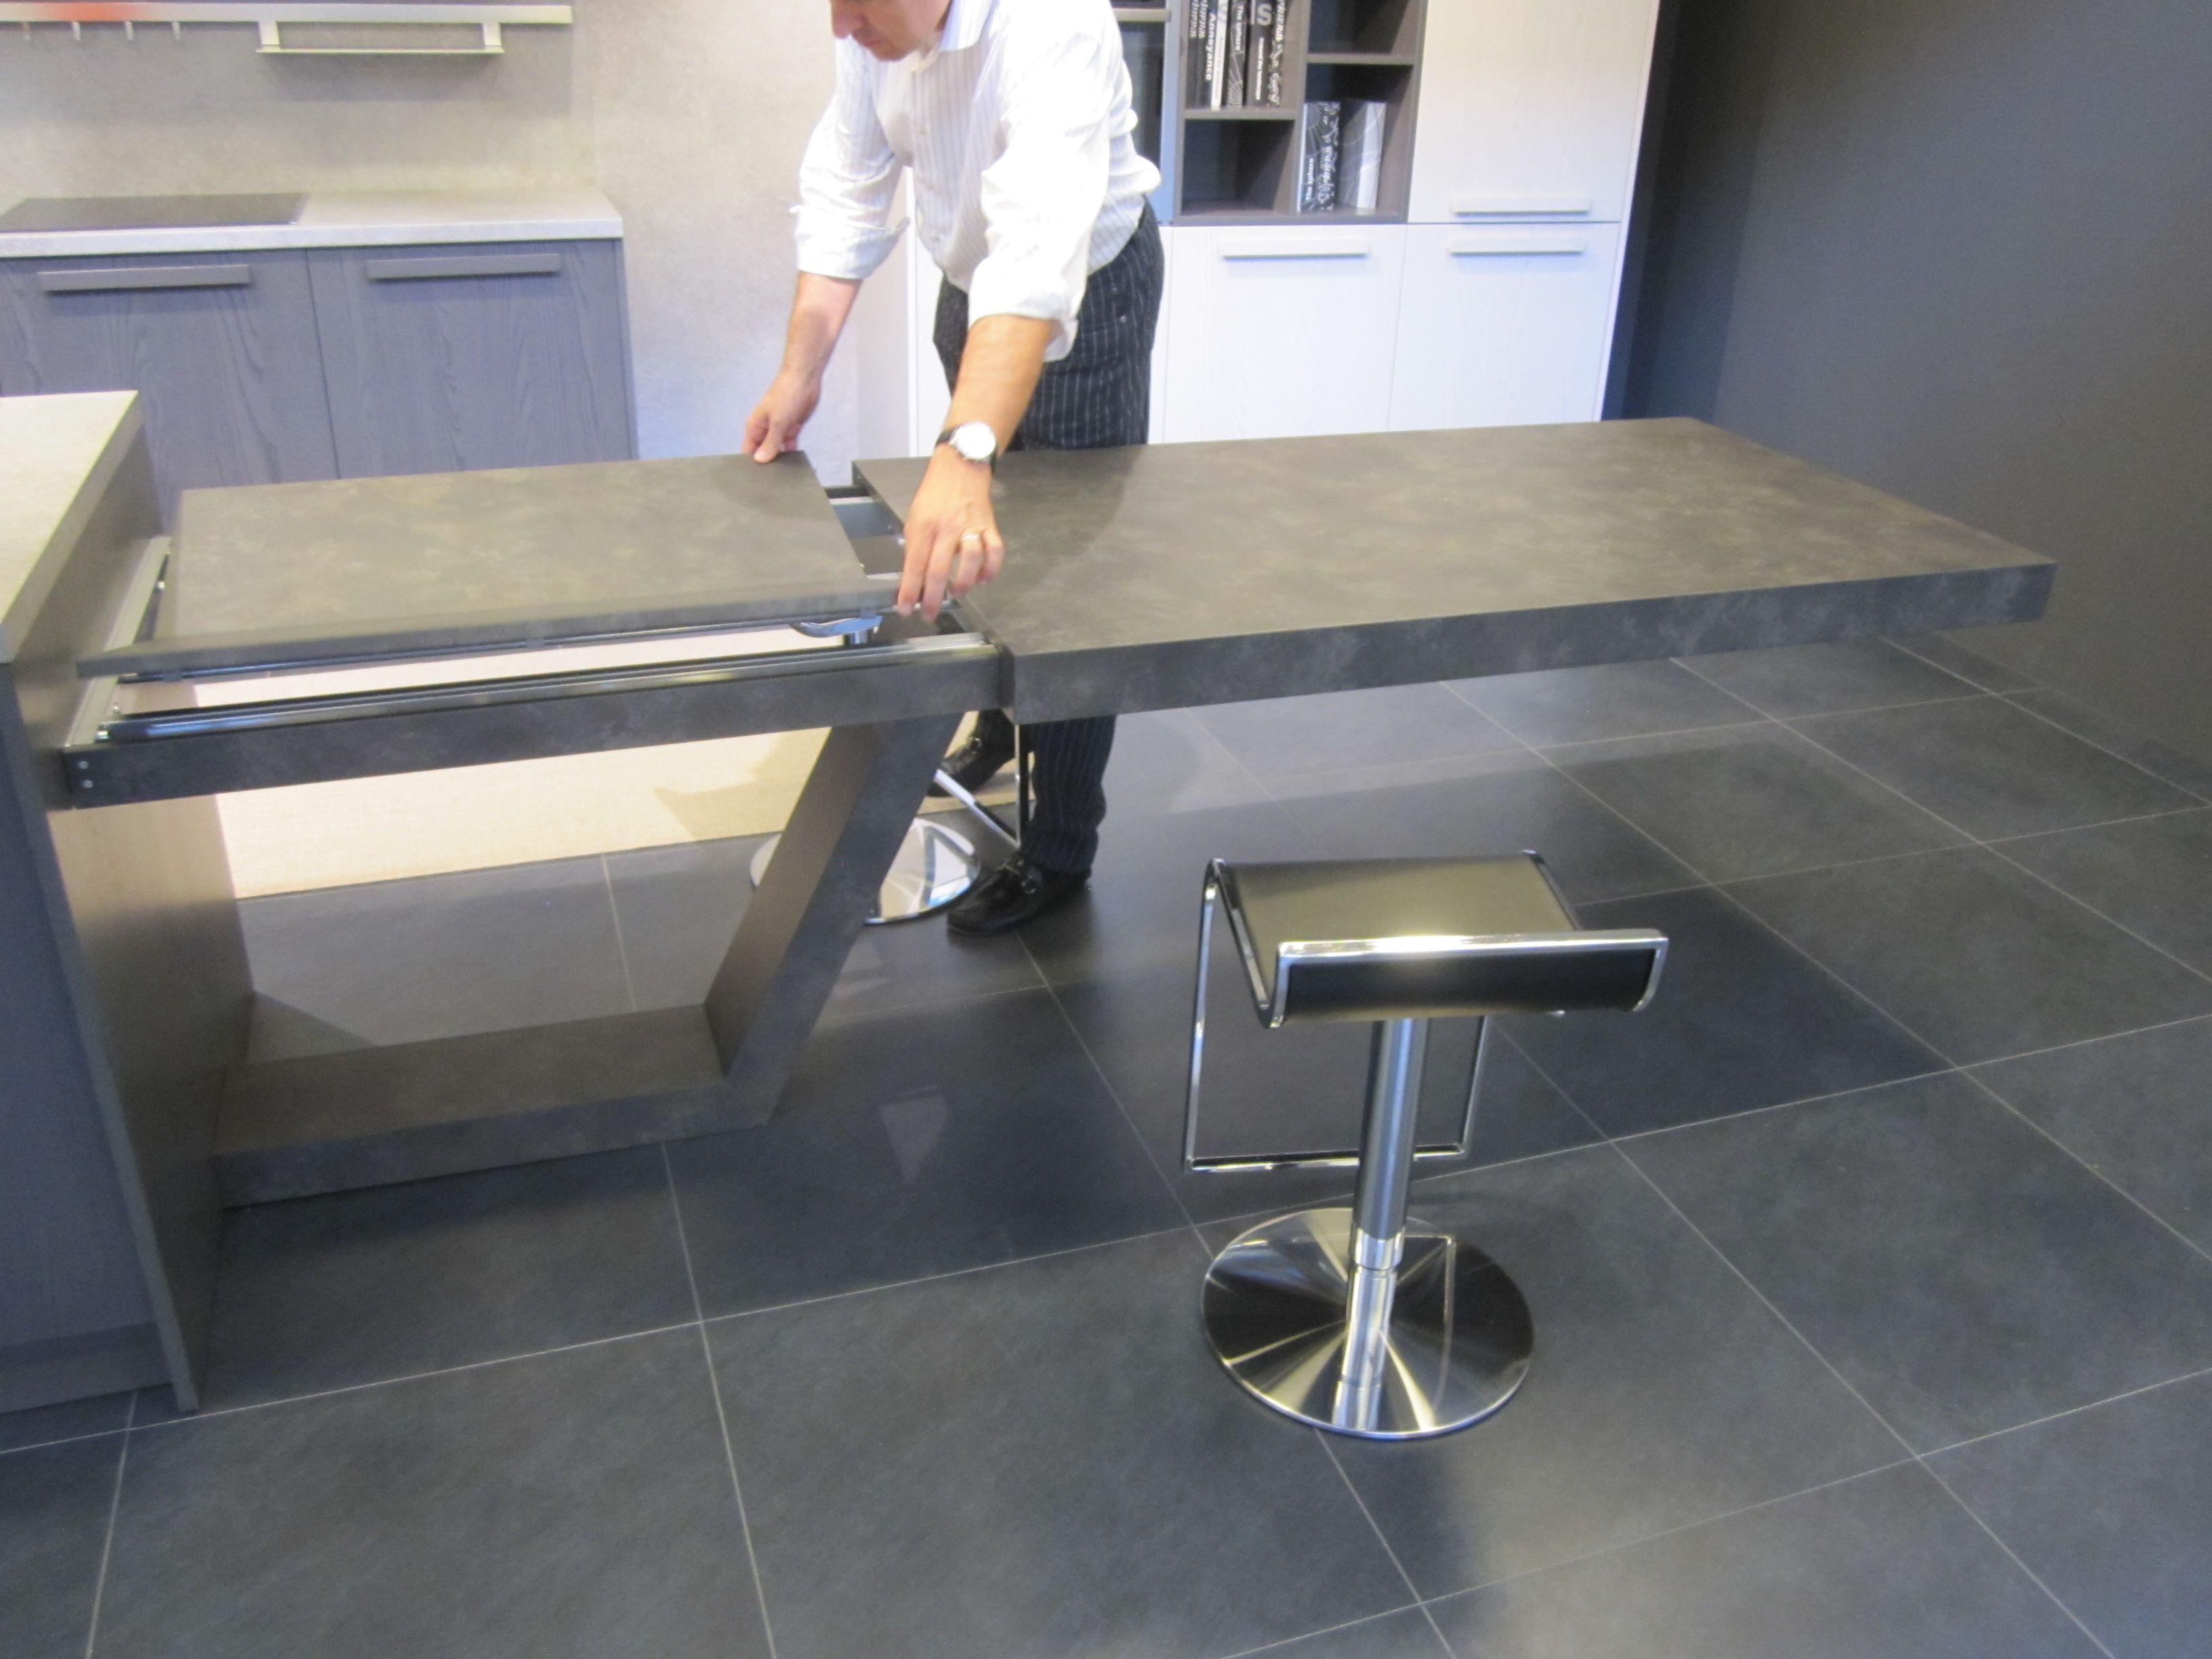 Gama de cocinas econ micas blunni mesa extensible bpara - Mesa extraible cocina ...